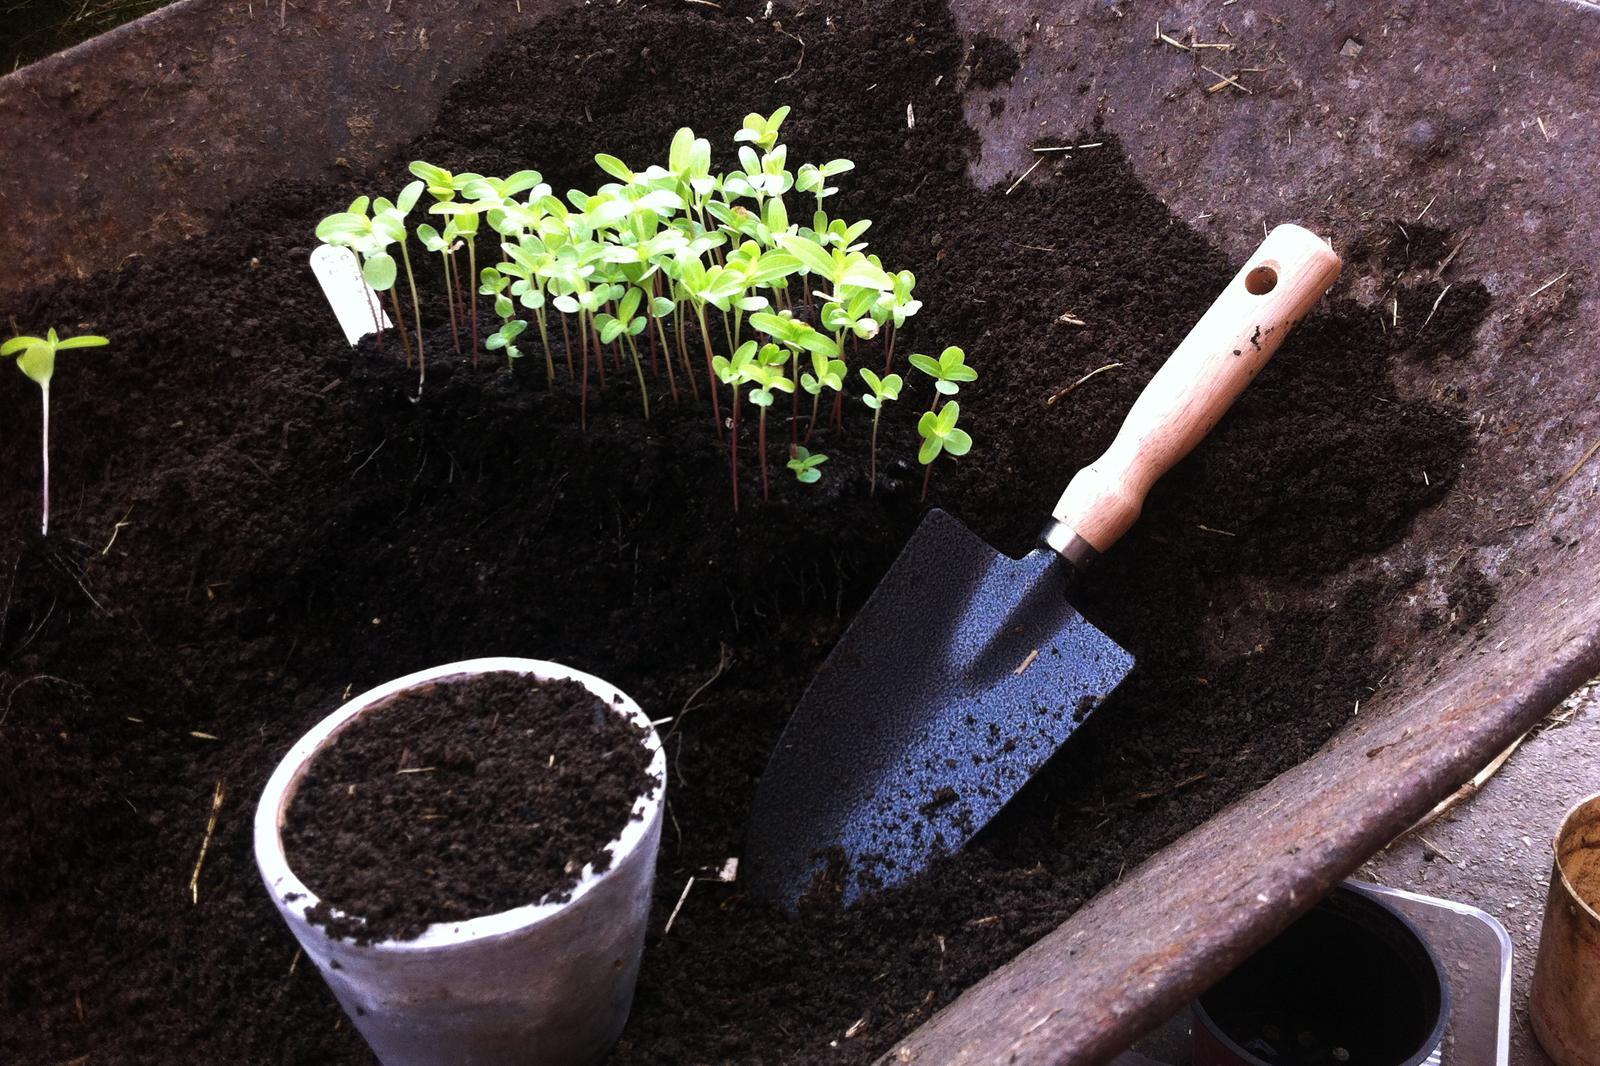 Vo víre kvetov... - Kaktusovokveté cínie - zasiala som približne polovicu sáčku semienok, ale vyklíčili snáď všetky. Už potrebovali viac miesta na rast, tak som ich musela pikírovať do väčších nádob.